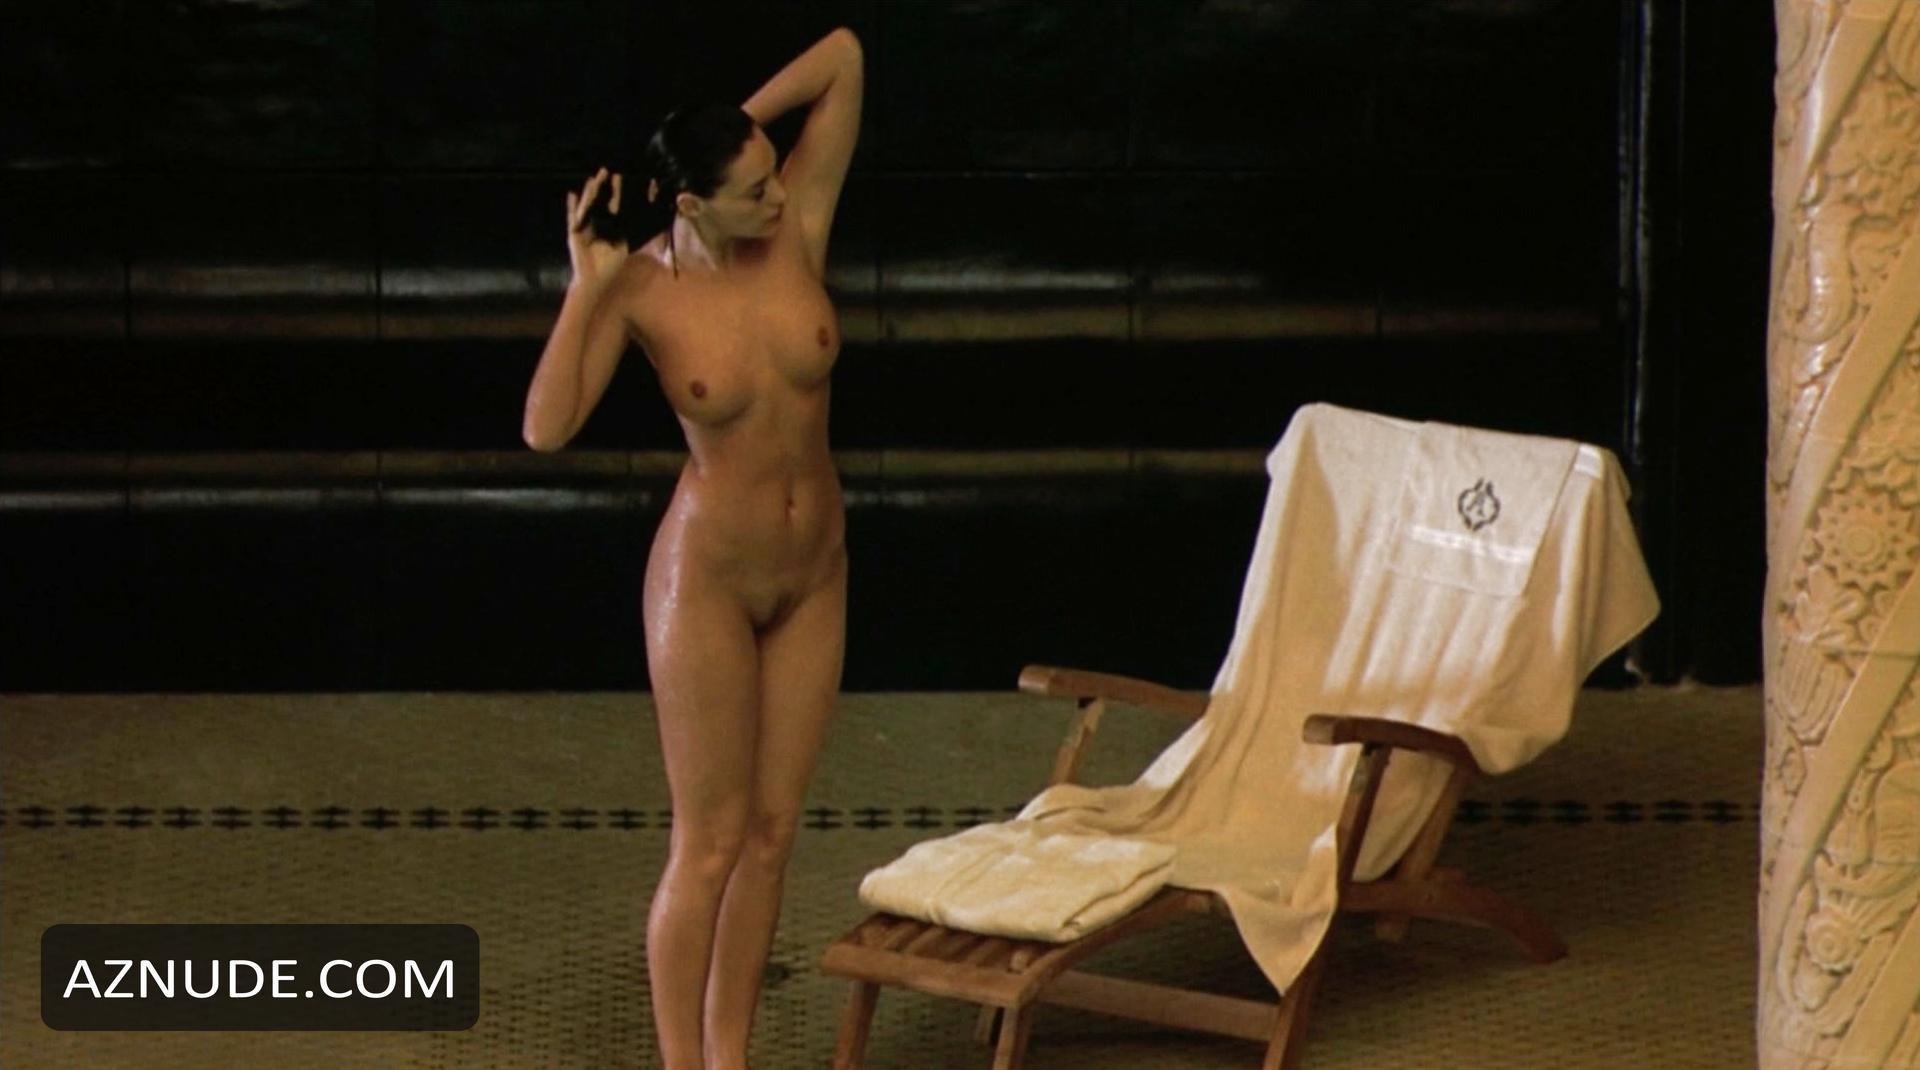 ZITA GOROG Nude - AZNude